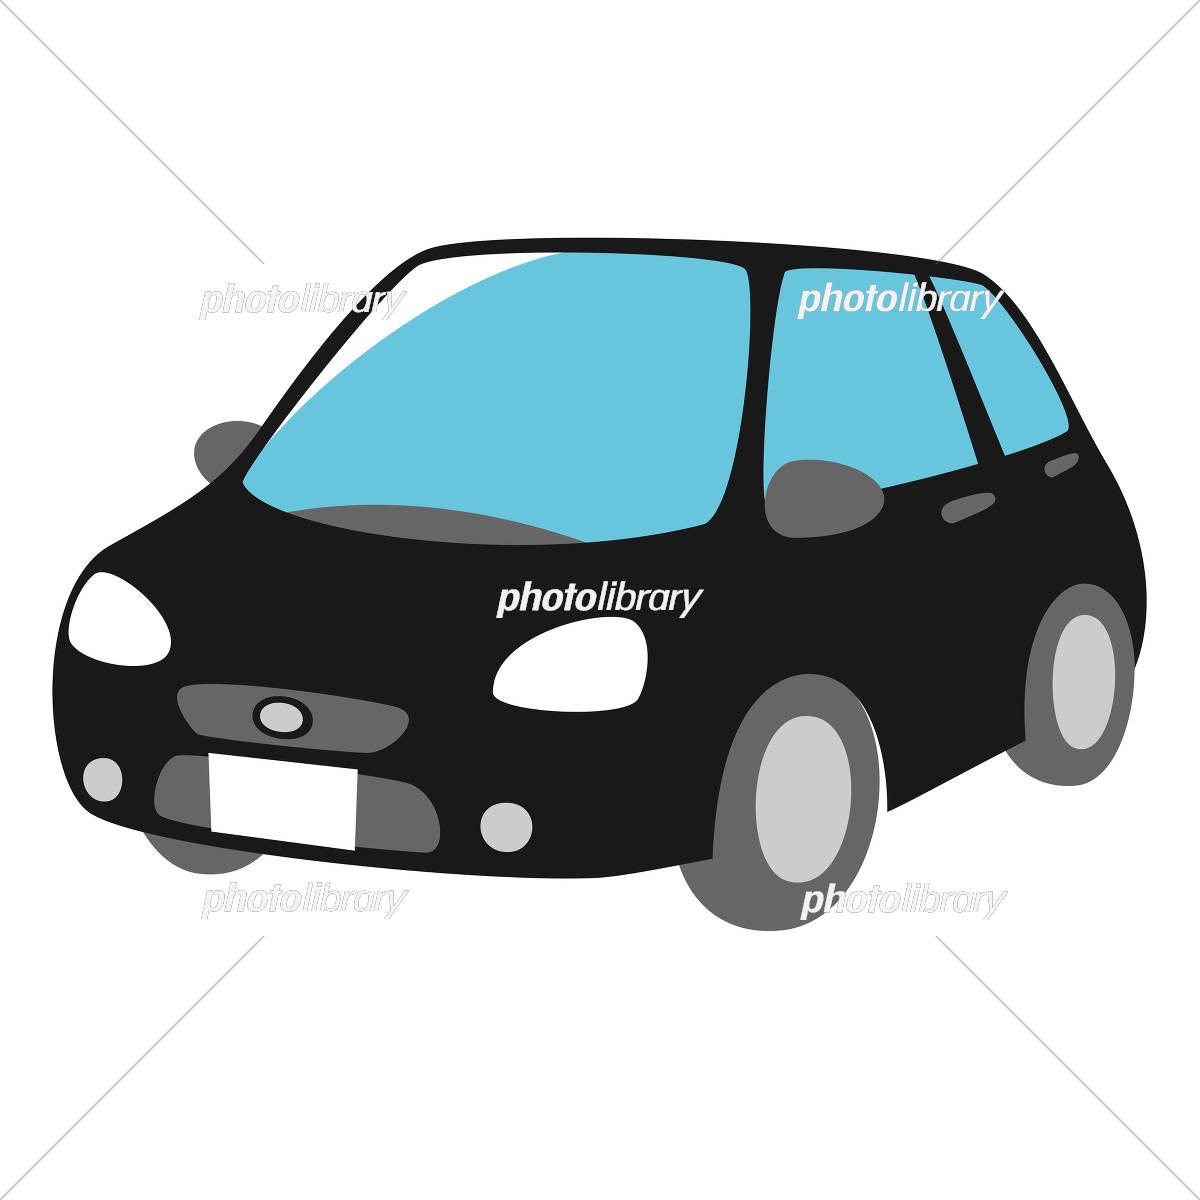 黒い車 斜め前面 イラスト素材 [ 5327210 ] - フォトライブラリー